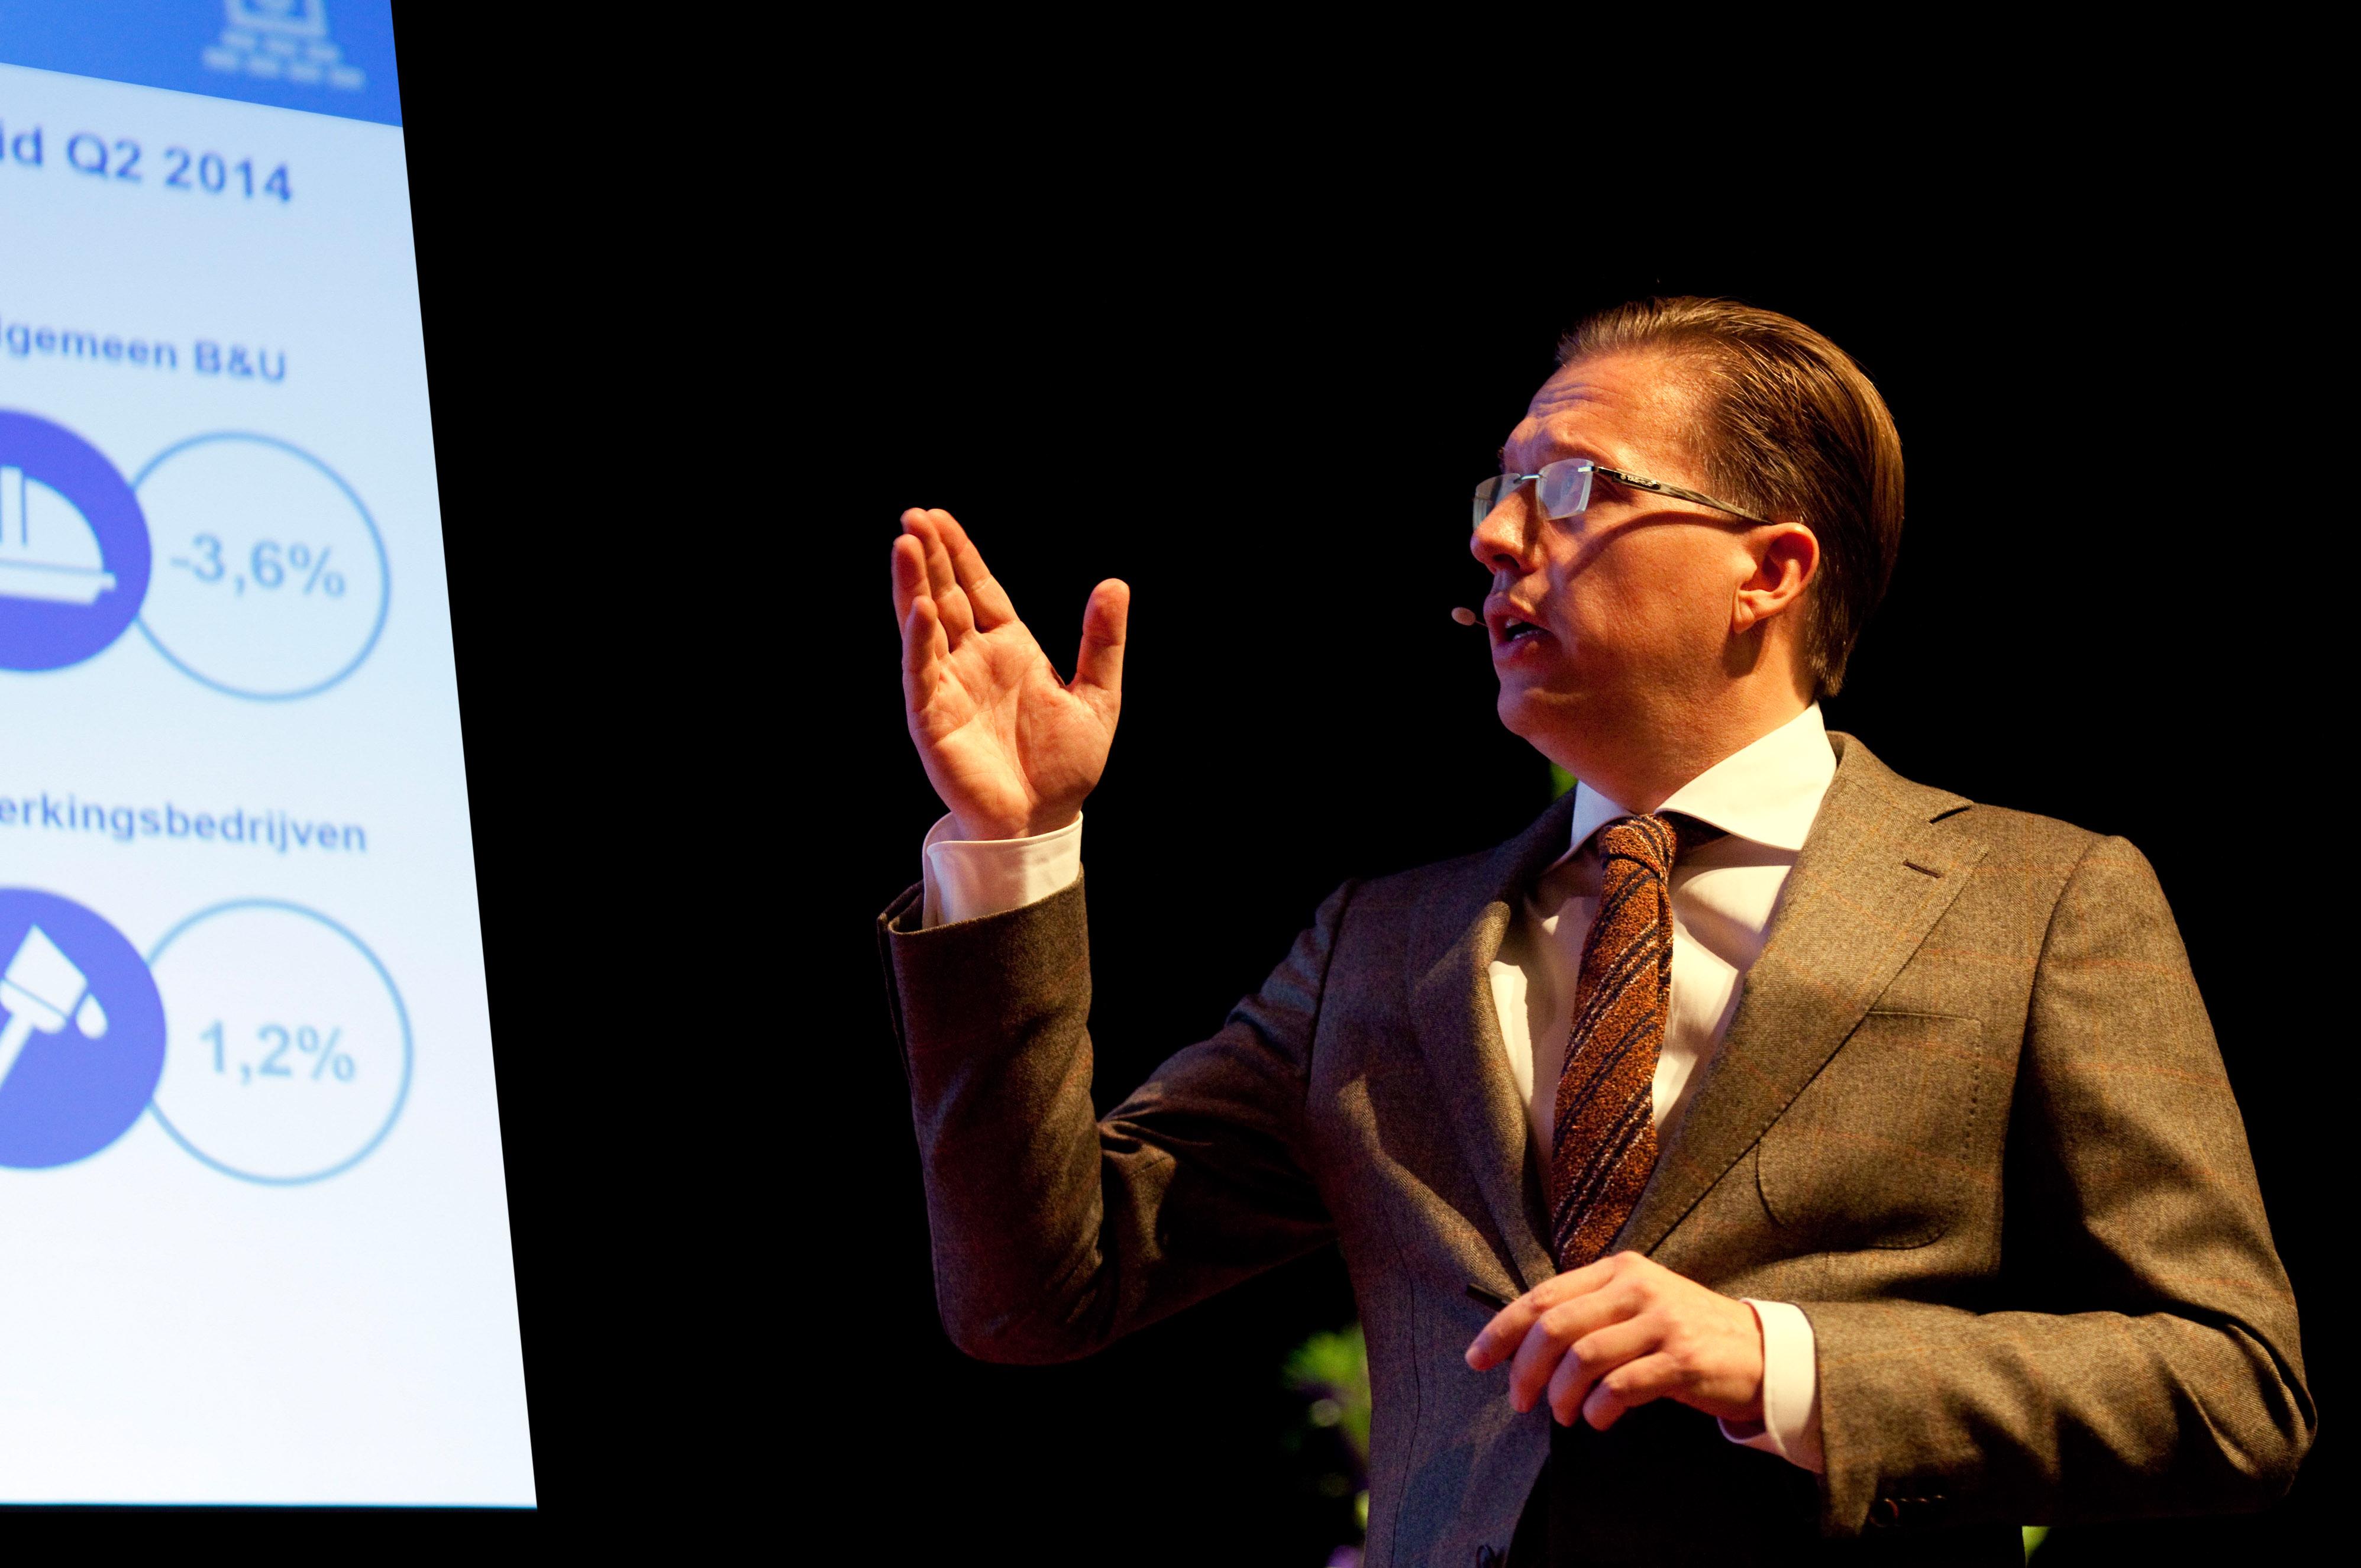 Op zoek naar een inspirerende spreker op jouw evenement?